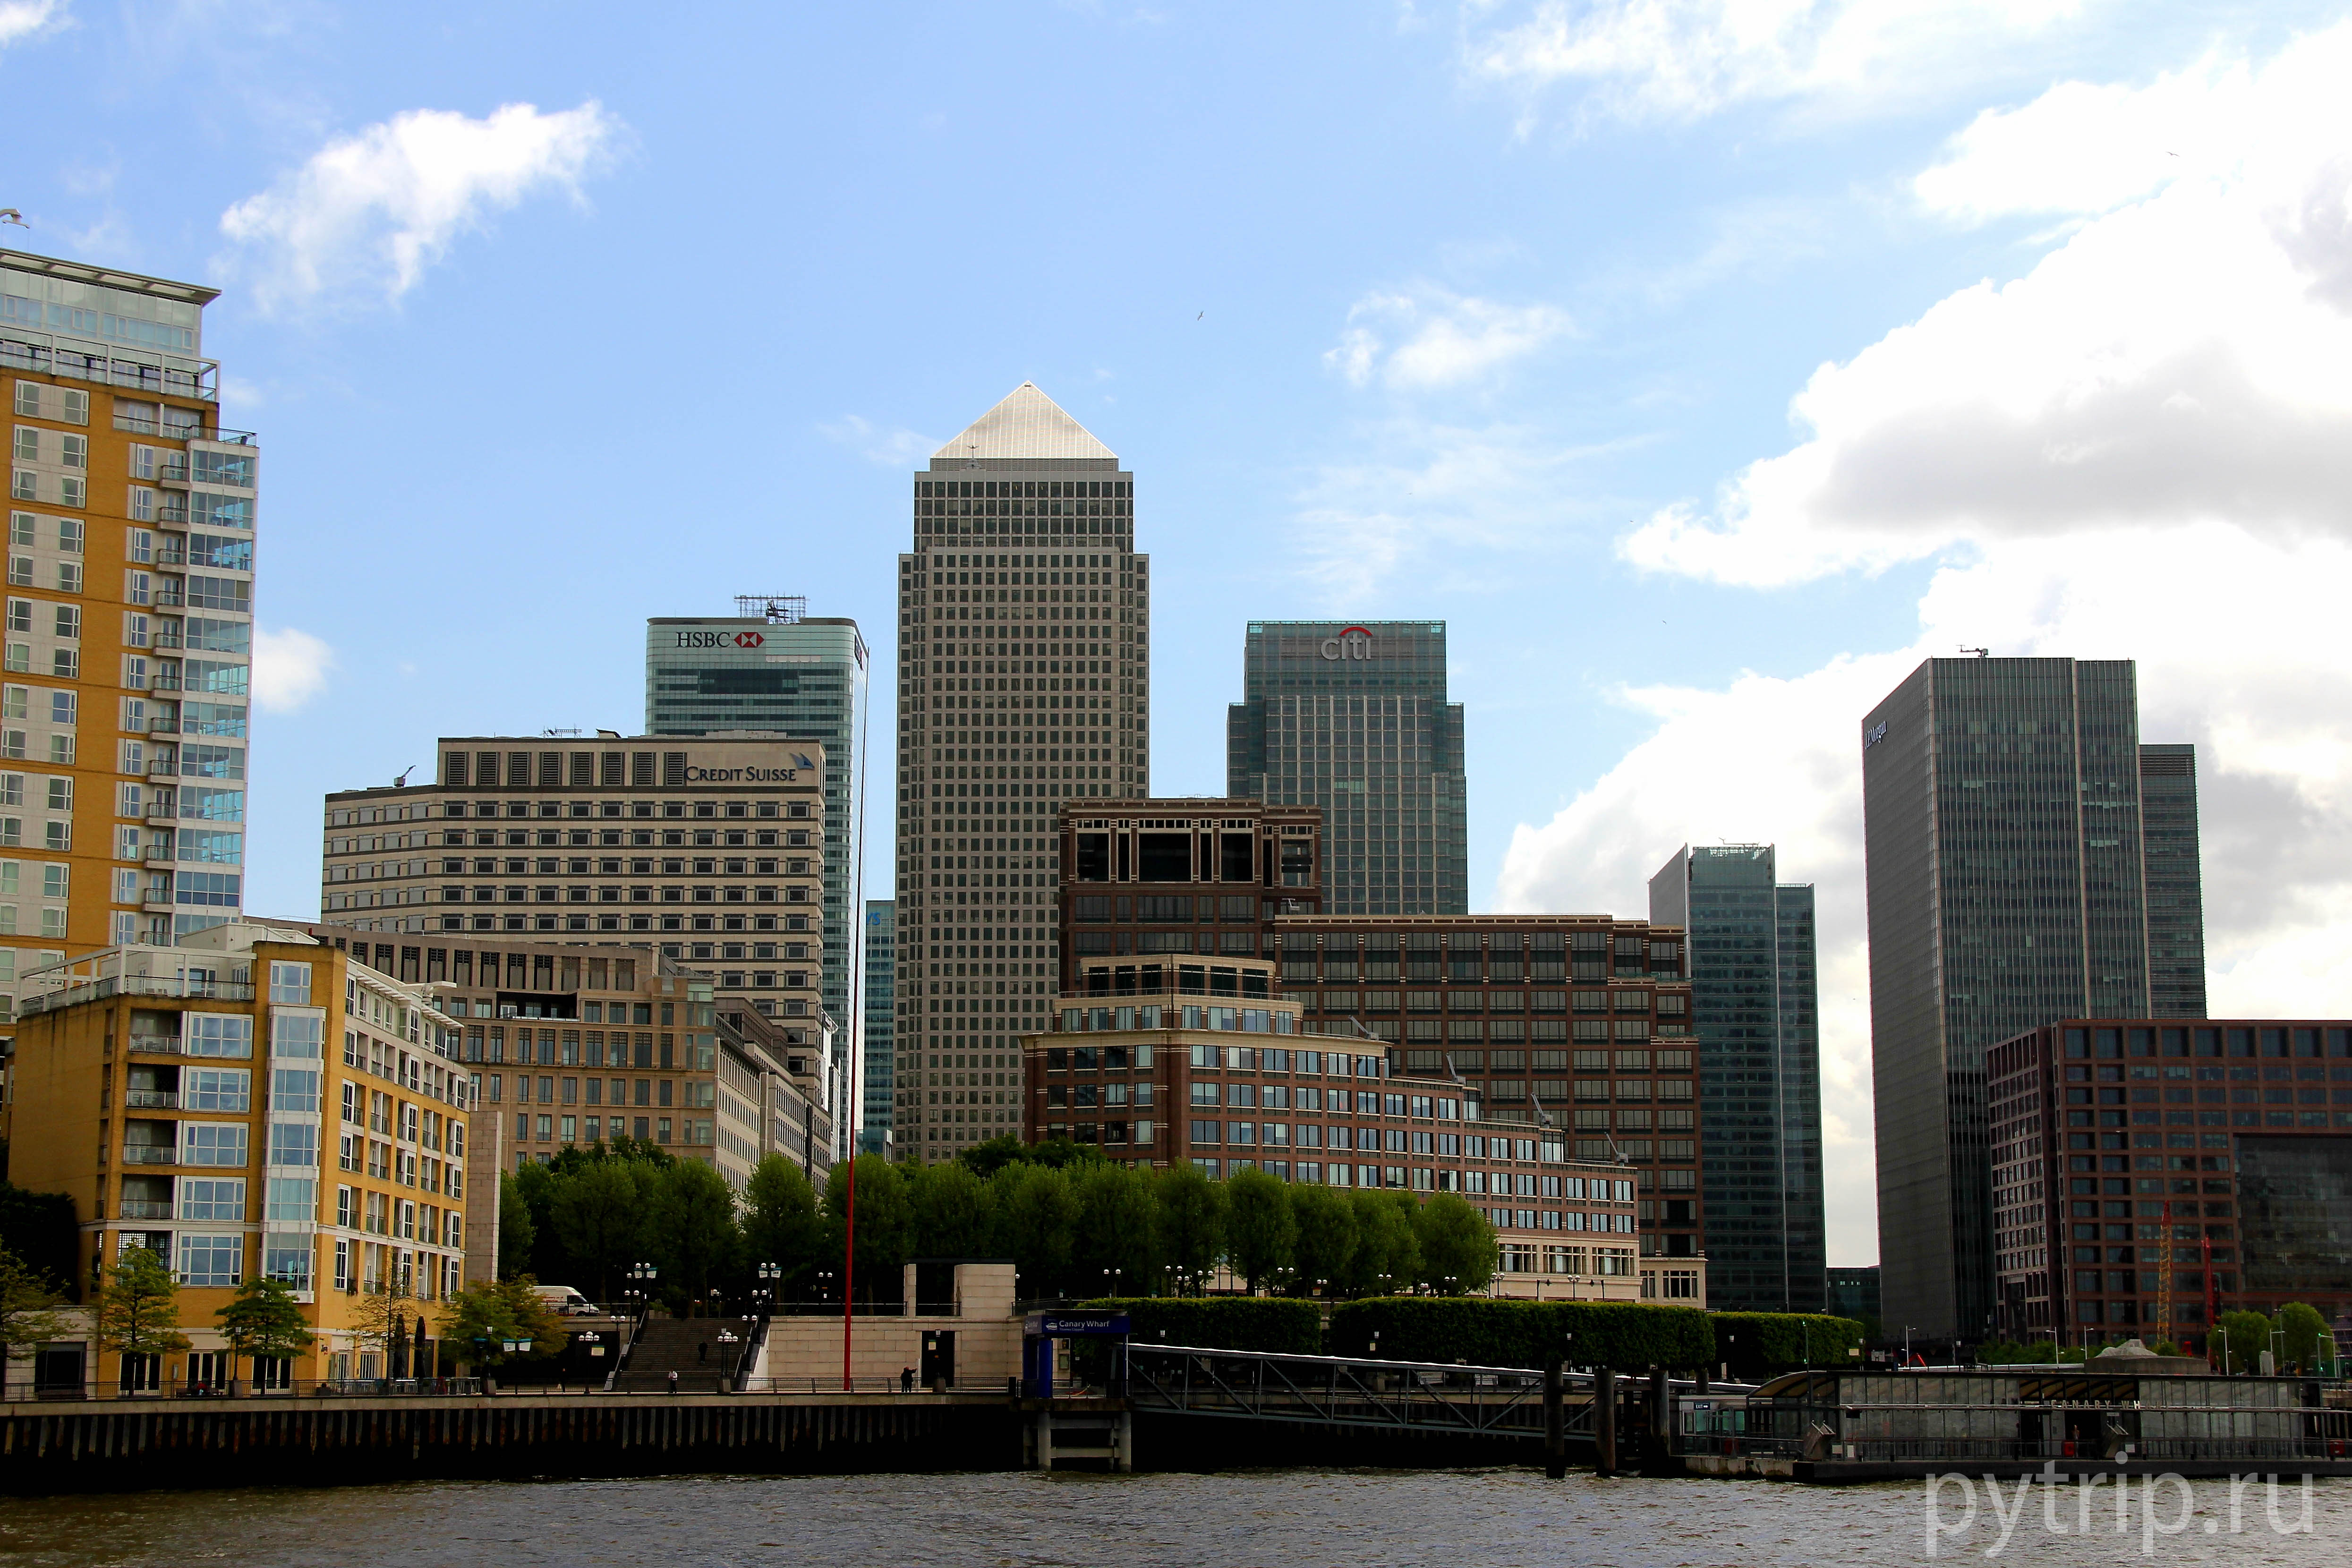 В Кэнэри Уорф находятся три высочайших здания Лондона -8 Canada Square, One Canada Square и Citigroup Centre.